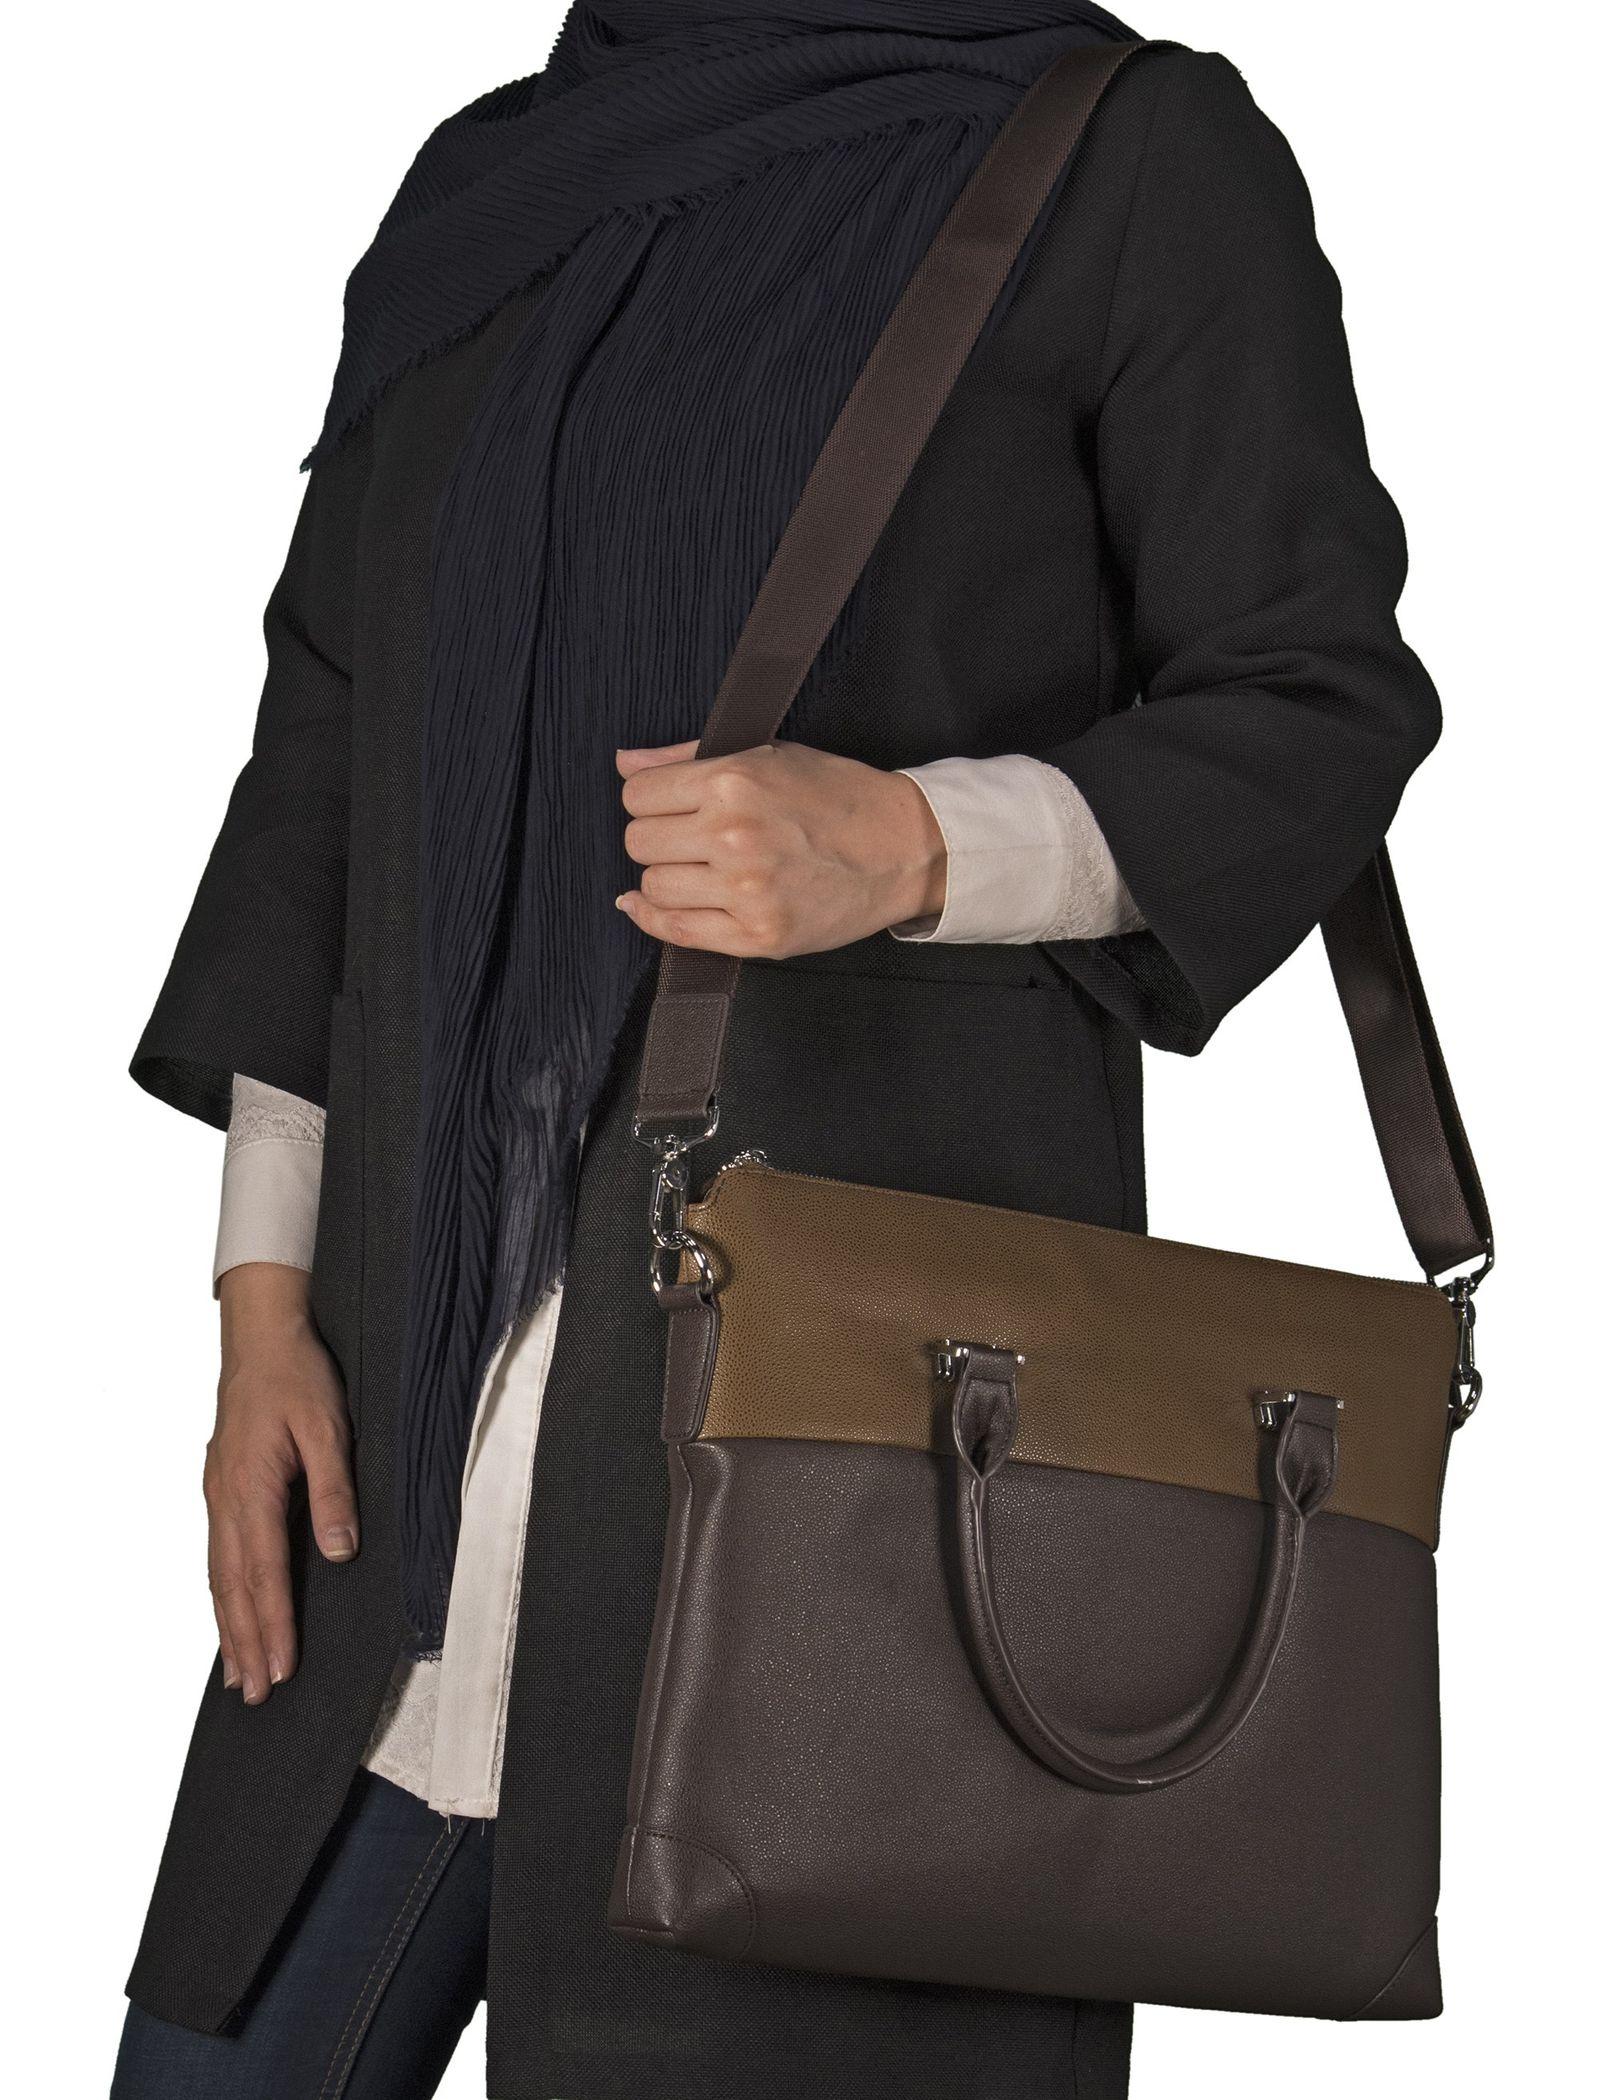 کیف دستی روزمره زنانه - باتا - قهوه اي - 7